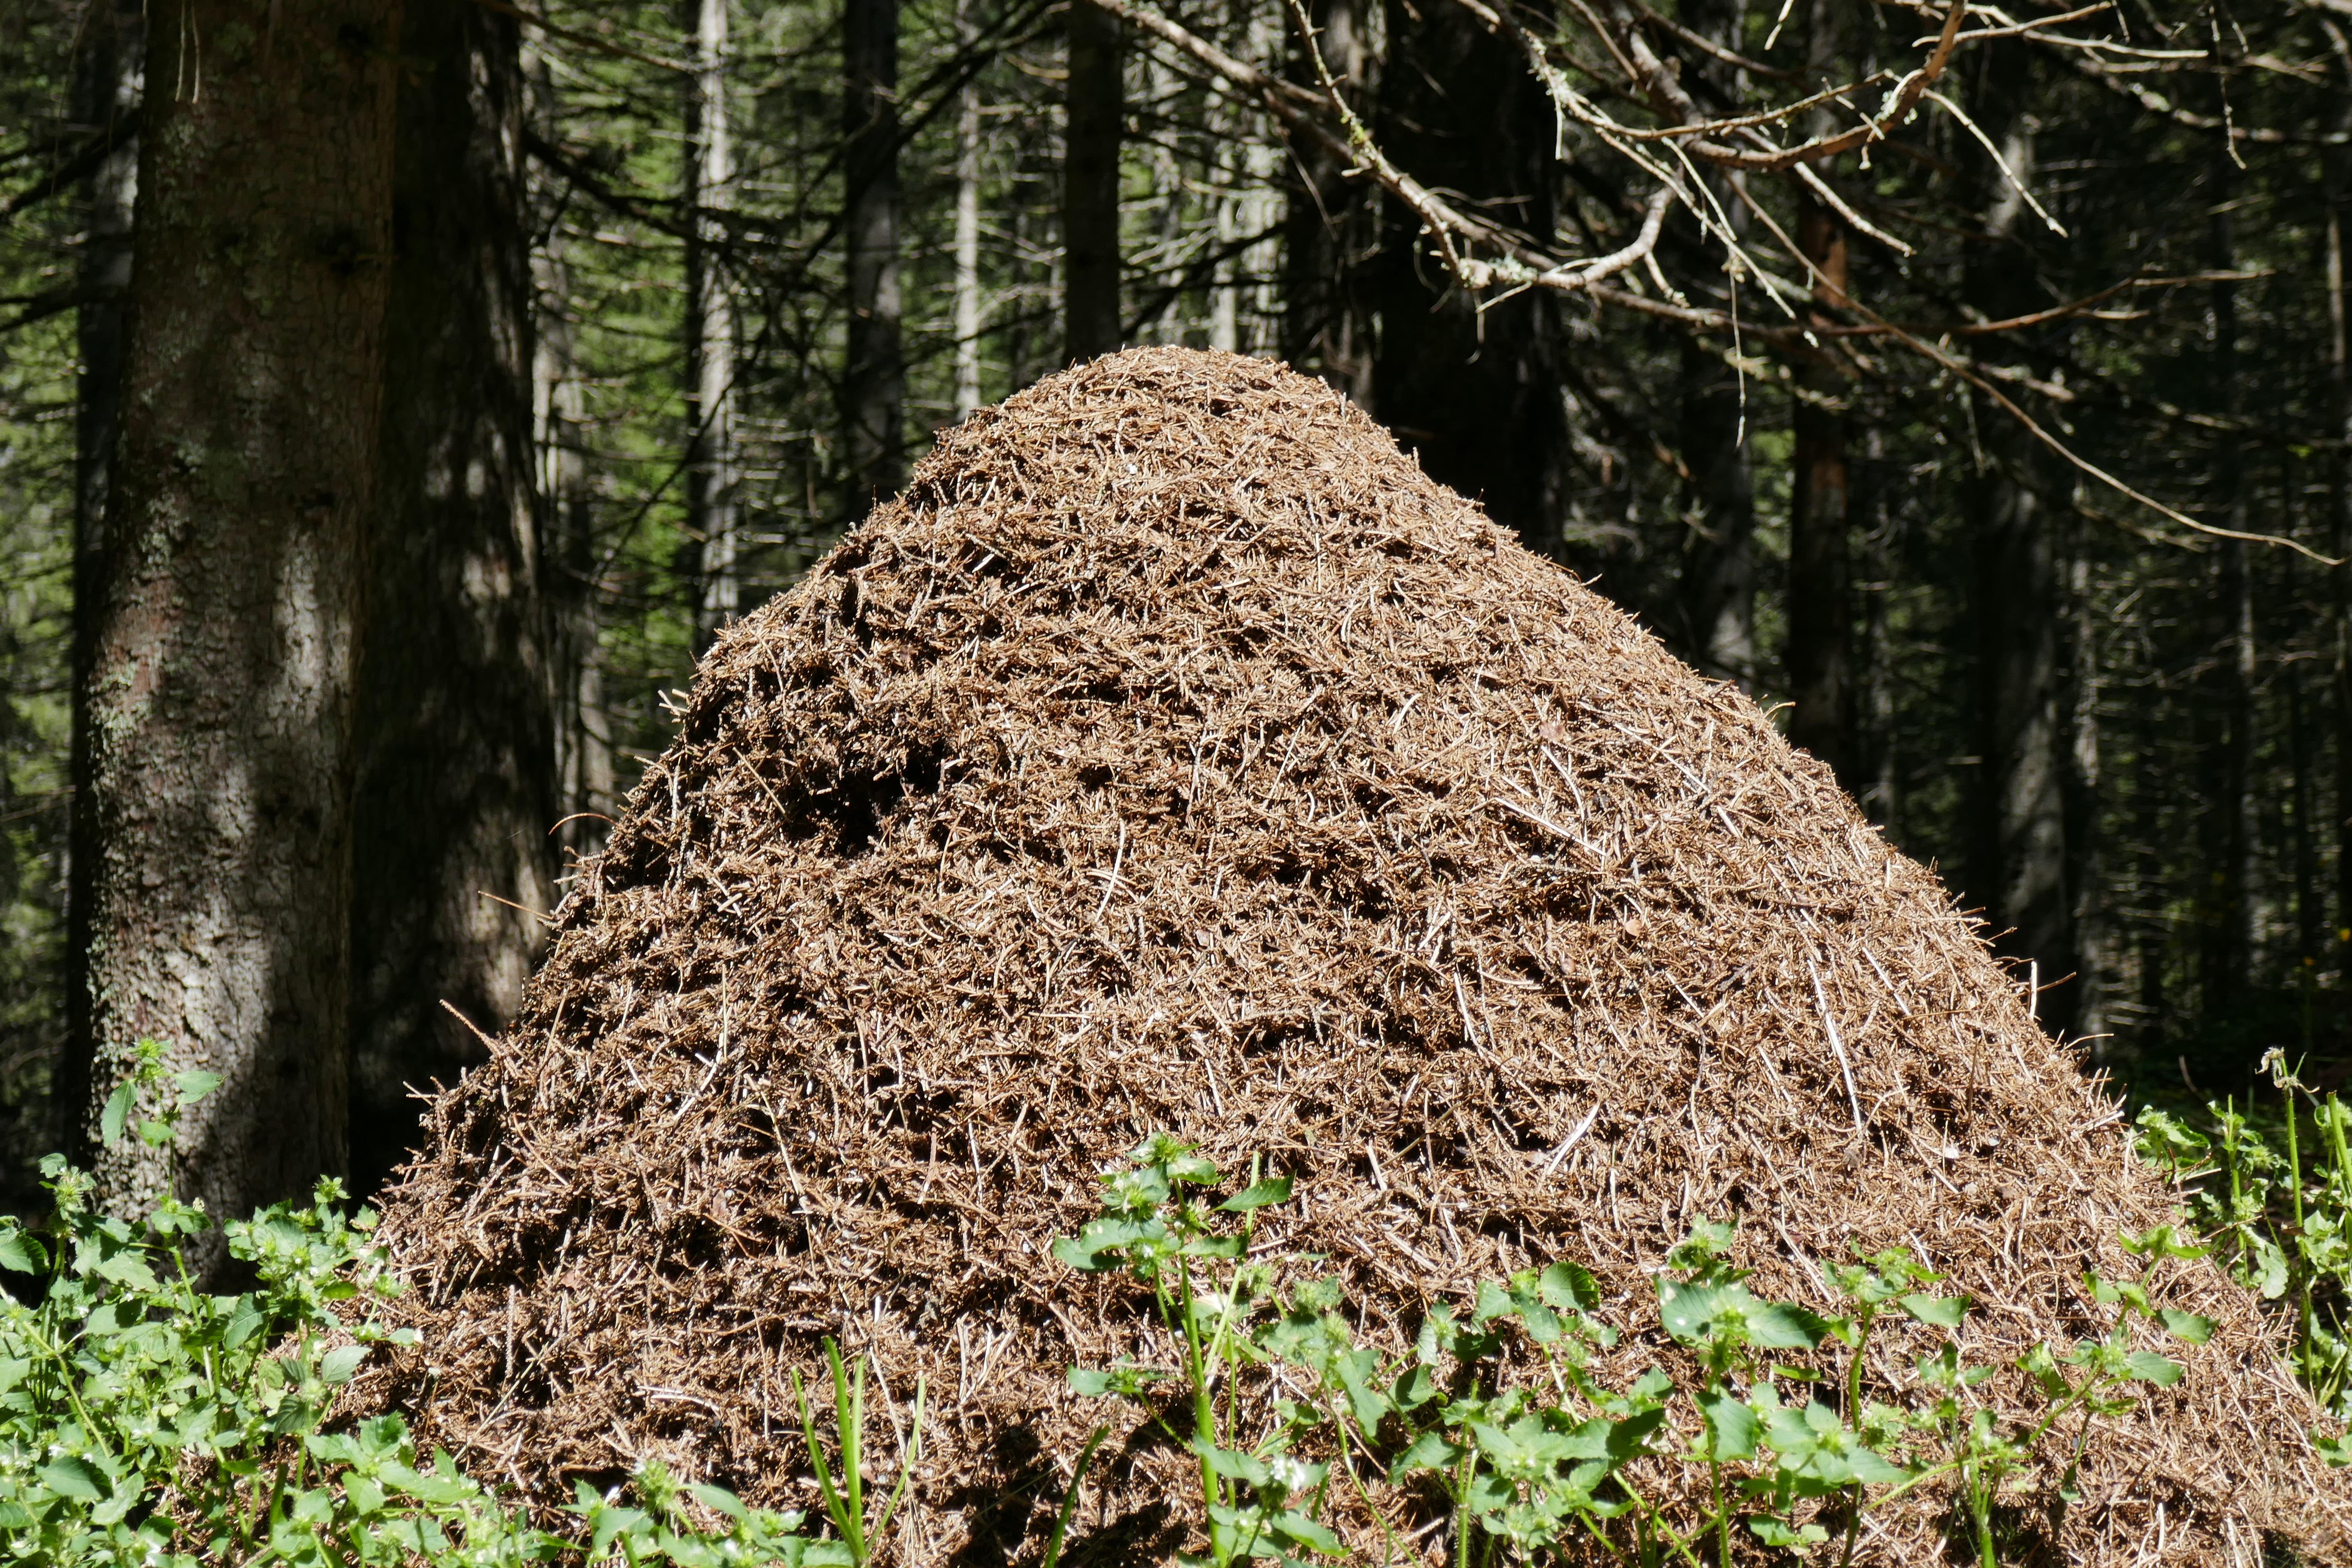 смотря муравейник в лесу картинки такие